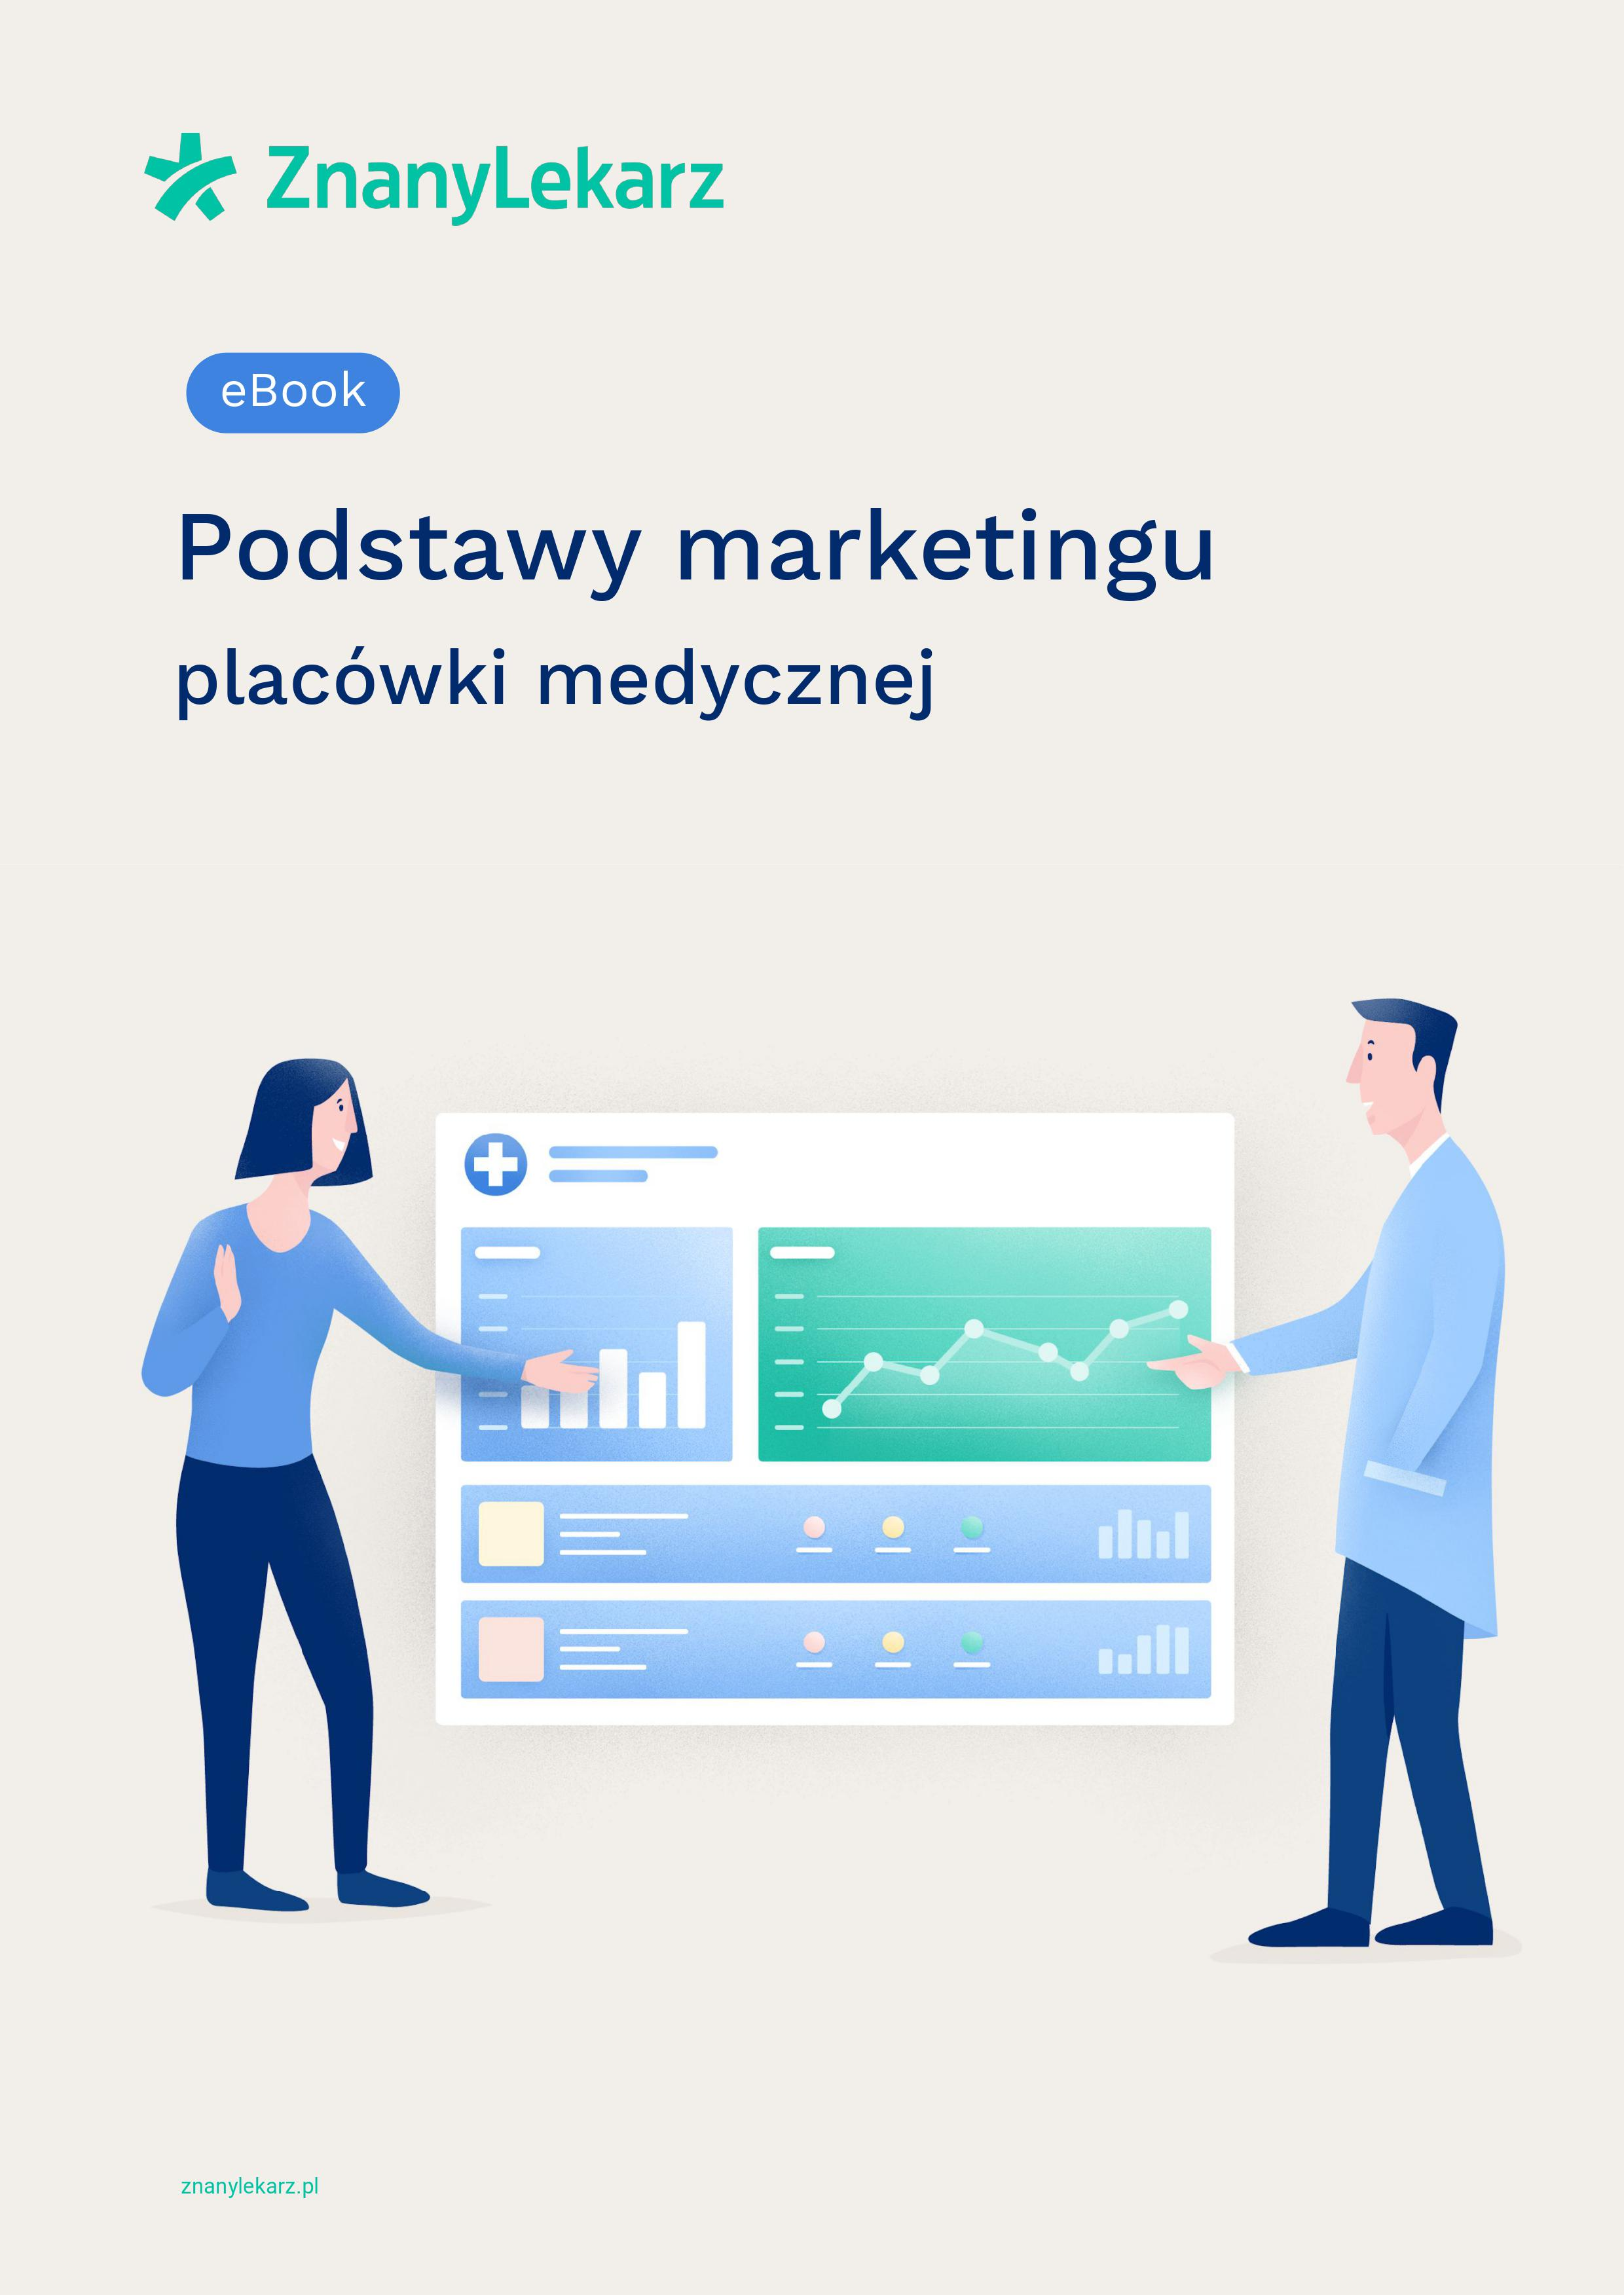 pl-ebook-cover-podstawy-marketingu-placowki-medycznej-hq